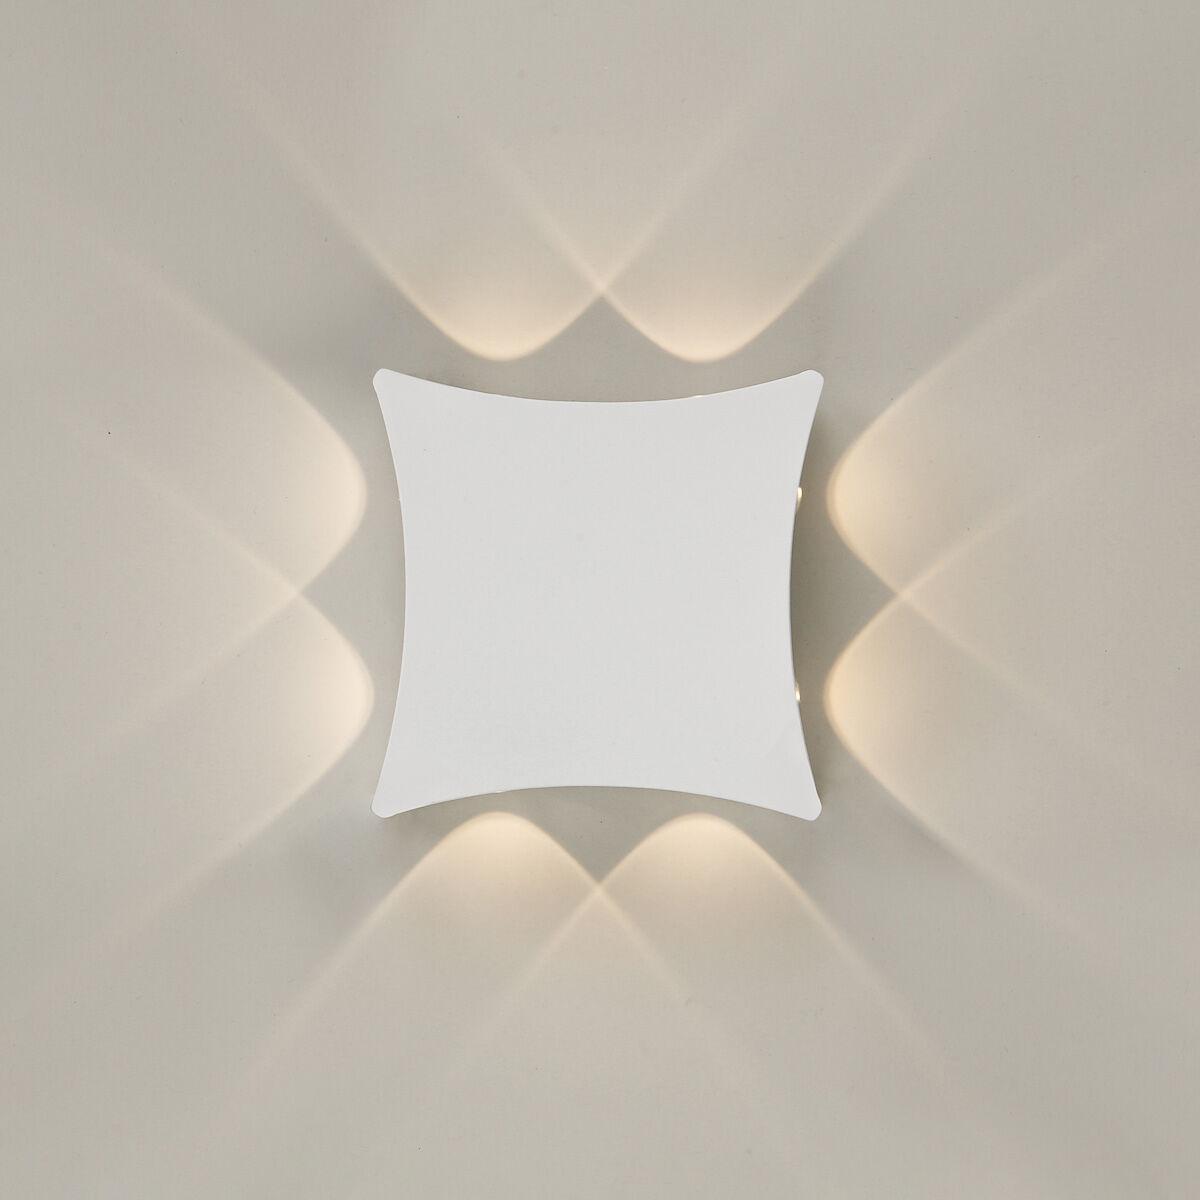 Kinkiet zewnętrzny Pensa PL-562-8 biały  Italux  Sprawdź kupony i rabaty w koszyku  Zamów tel  533-810-034